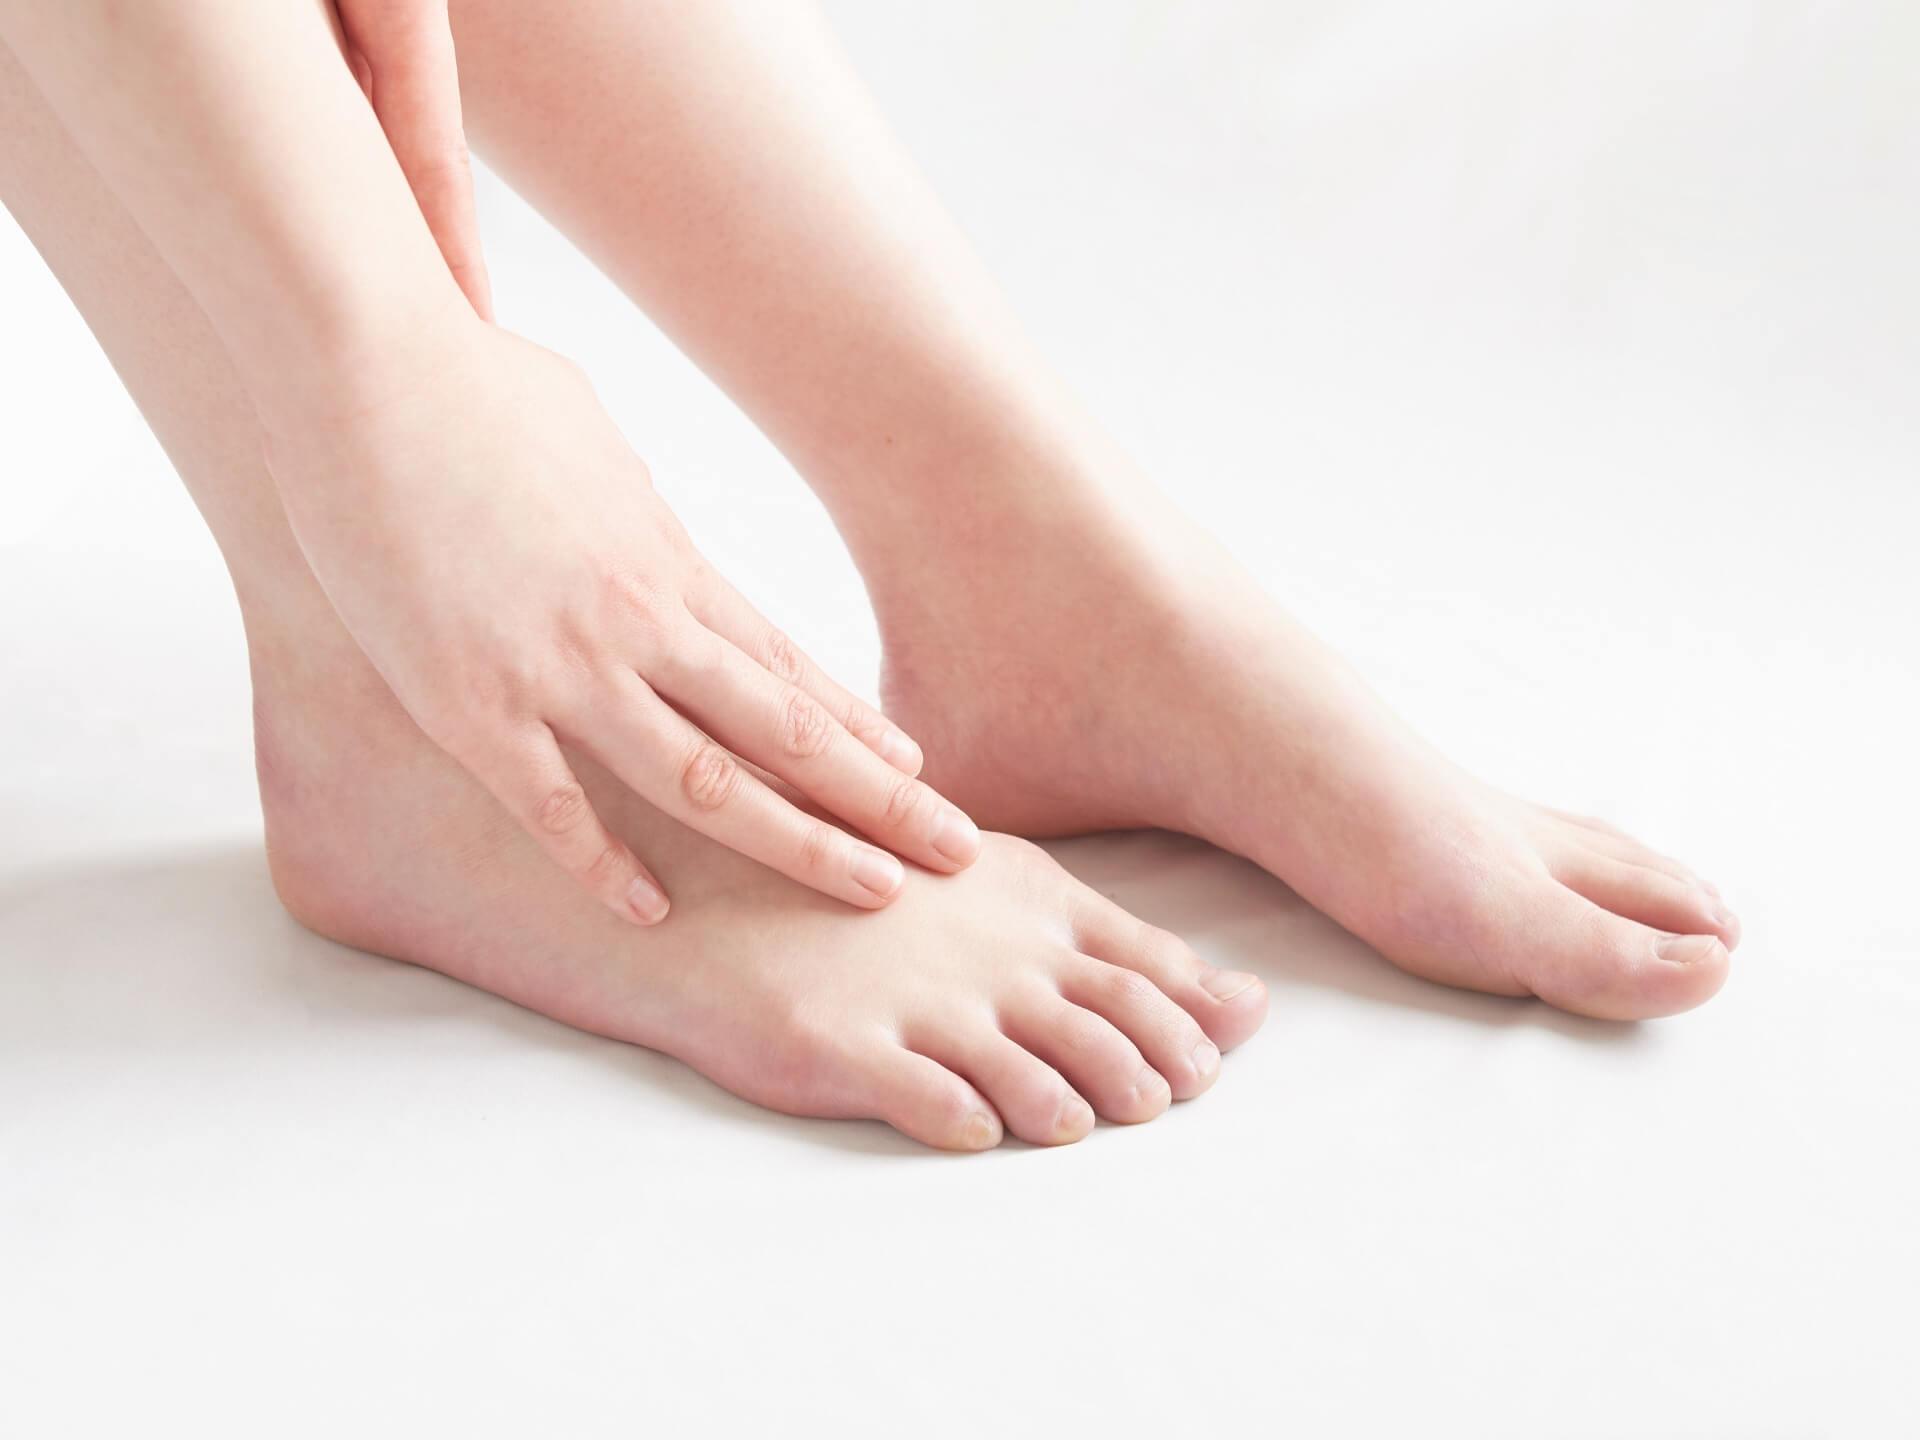 皮脂欠乏症(ひしけつぼうしょう)の原因と治療法